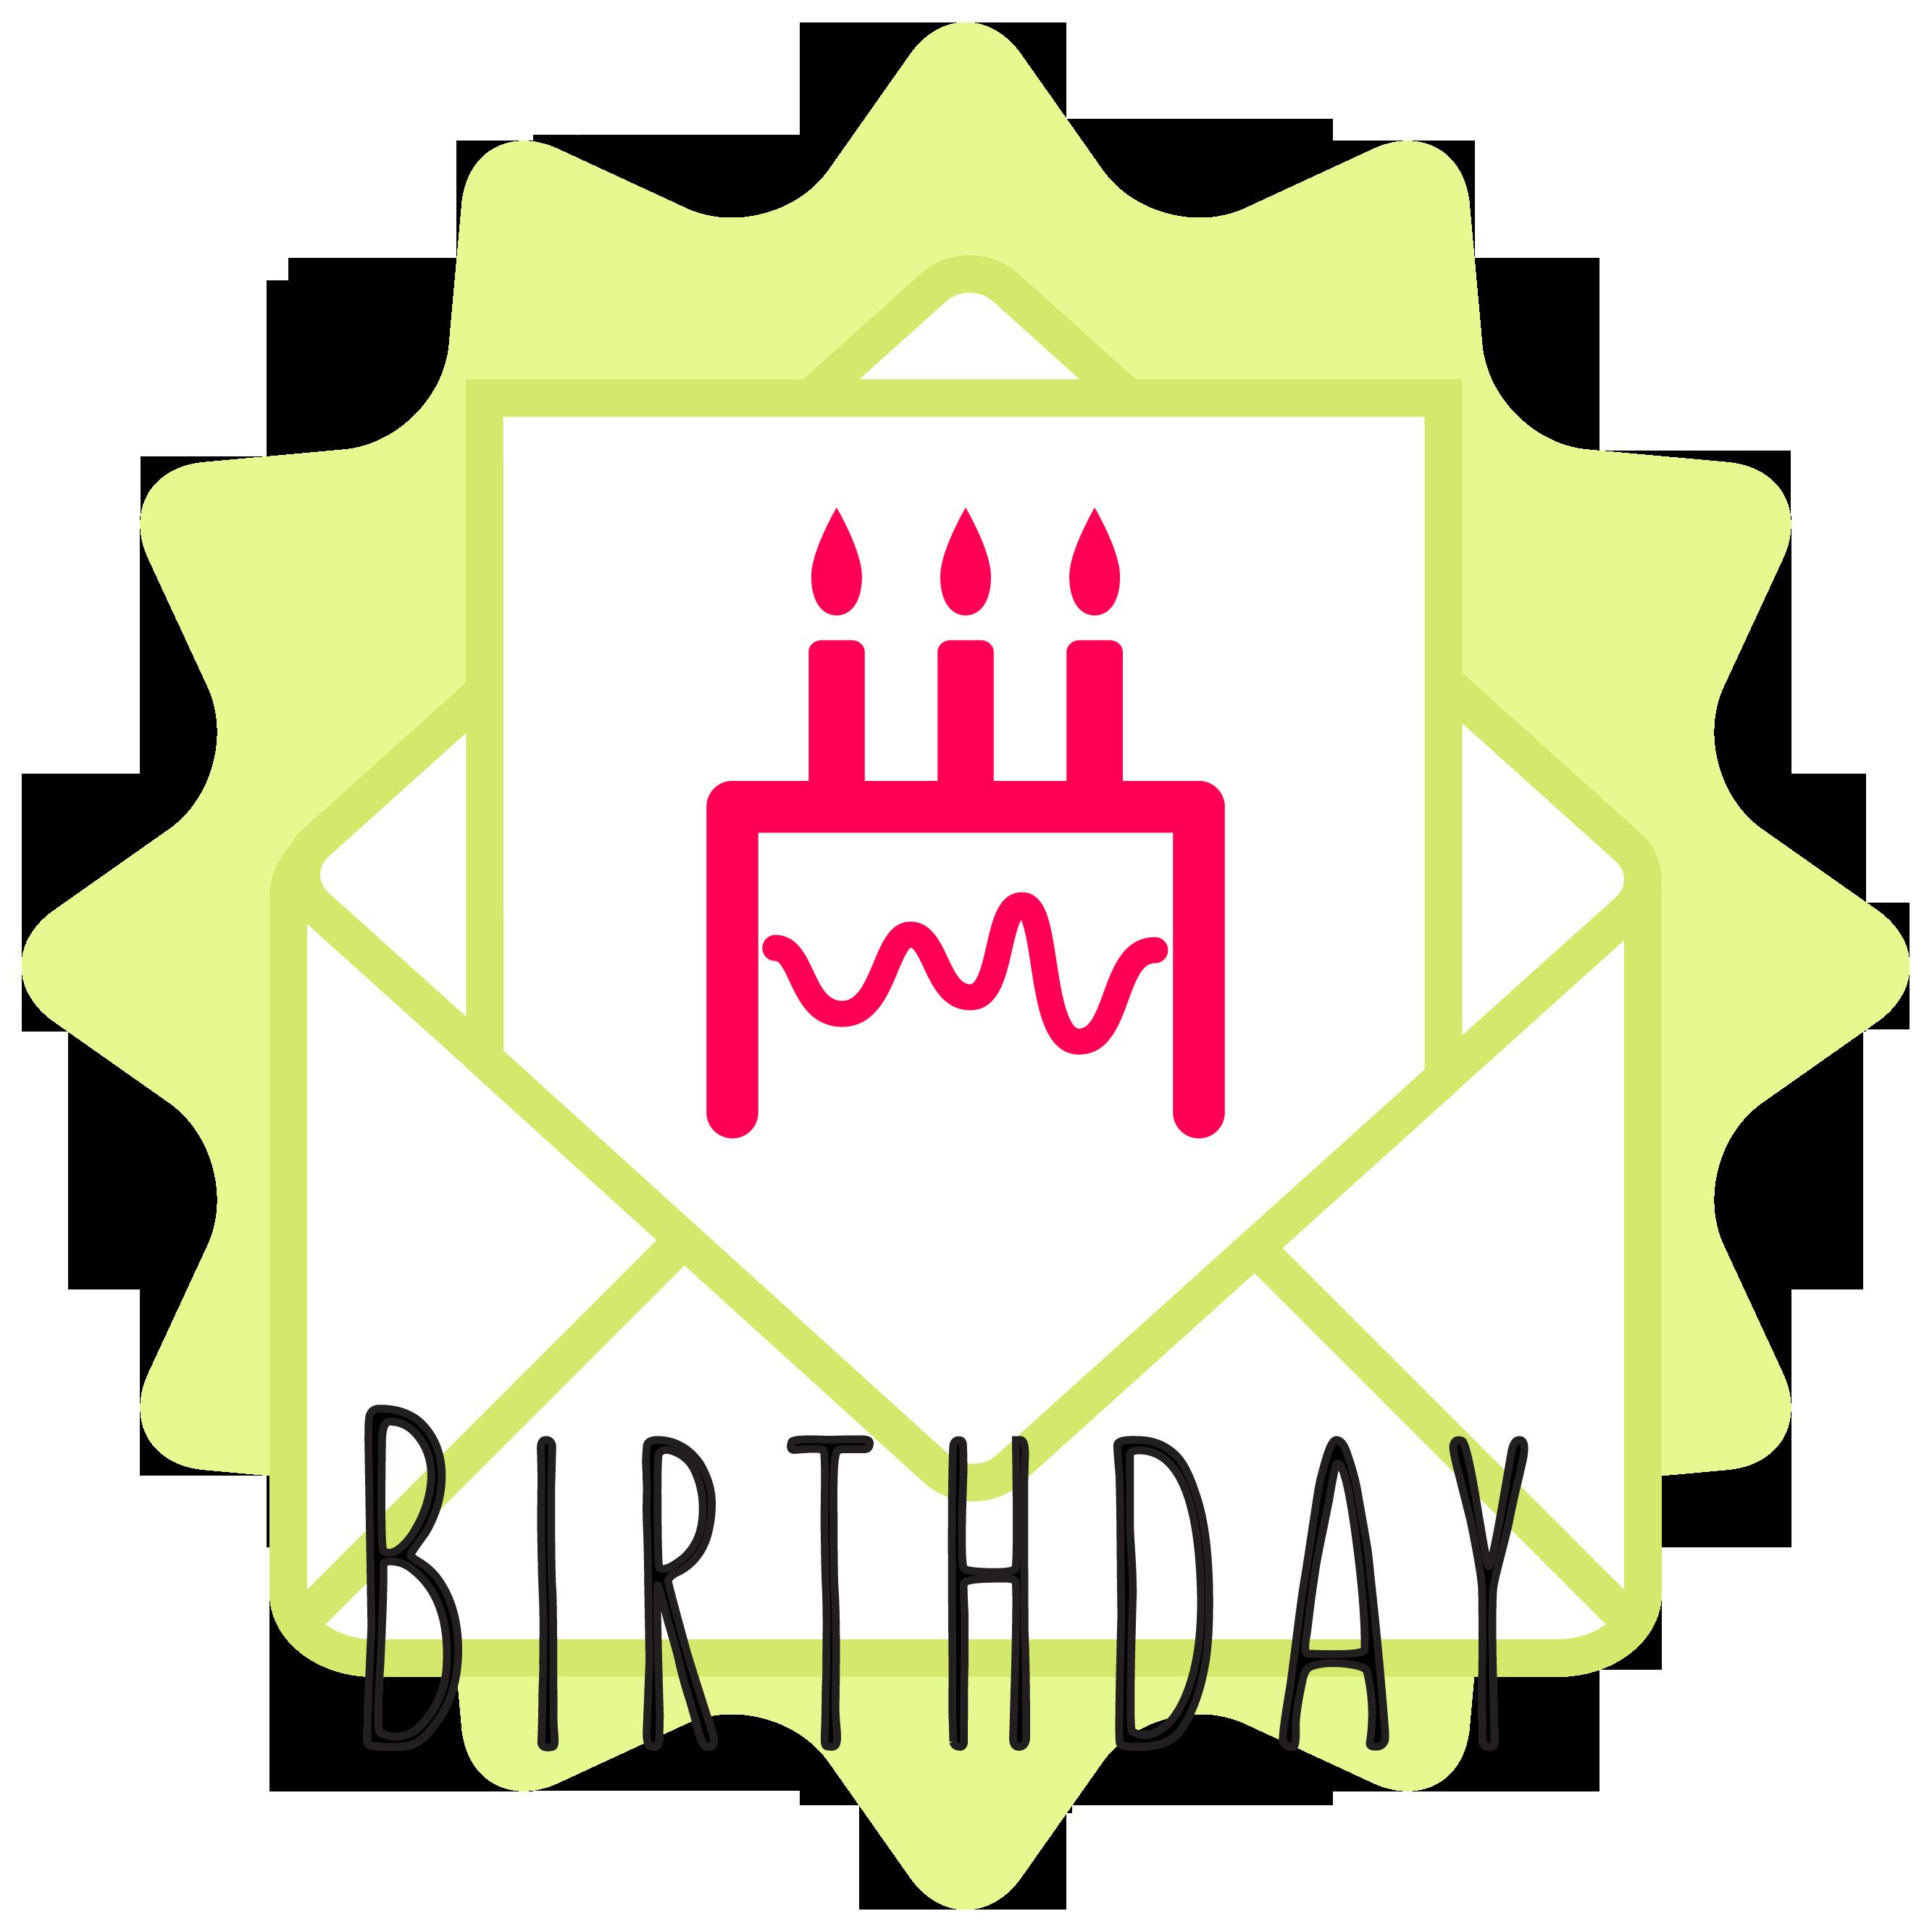 birthday button icon